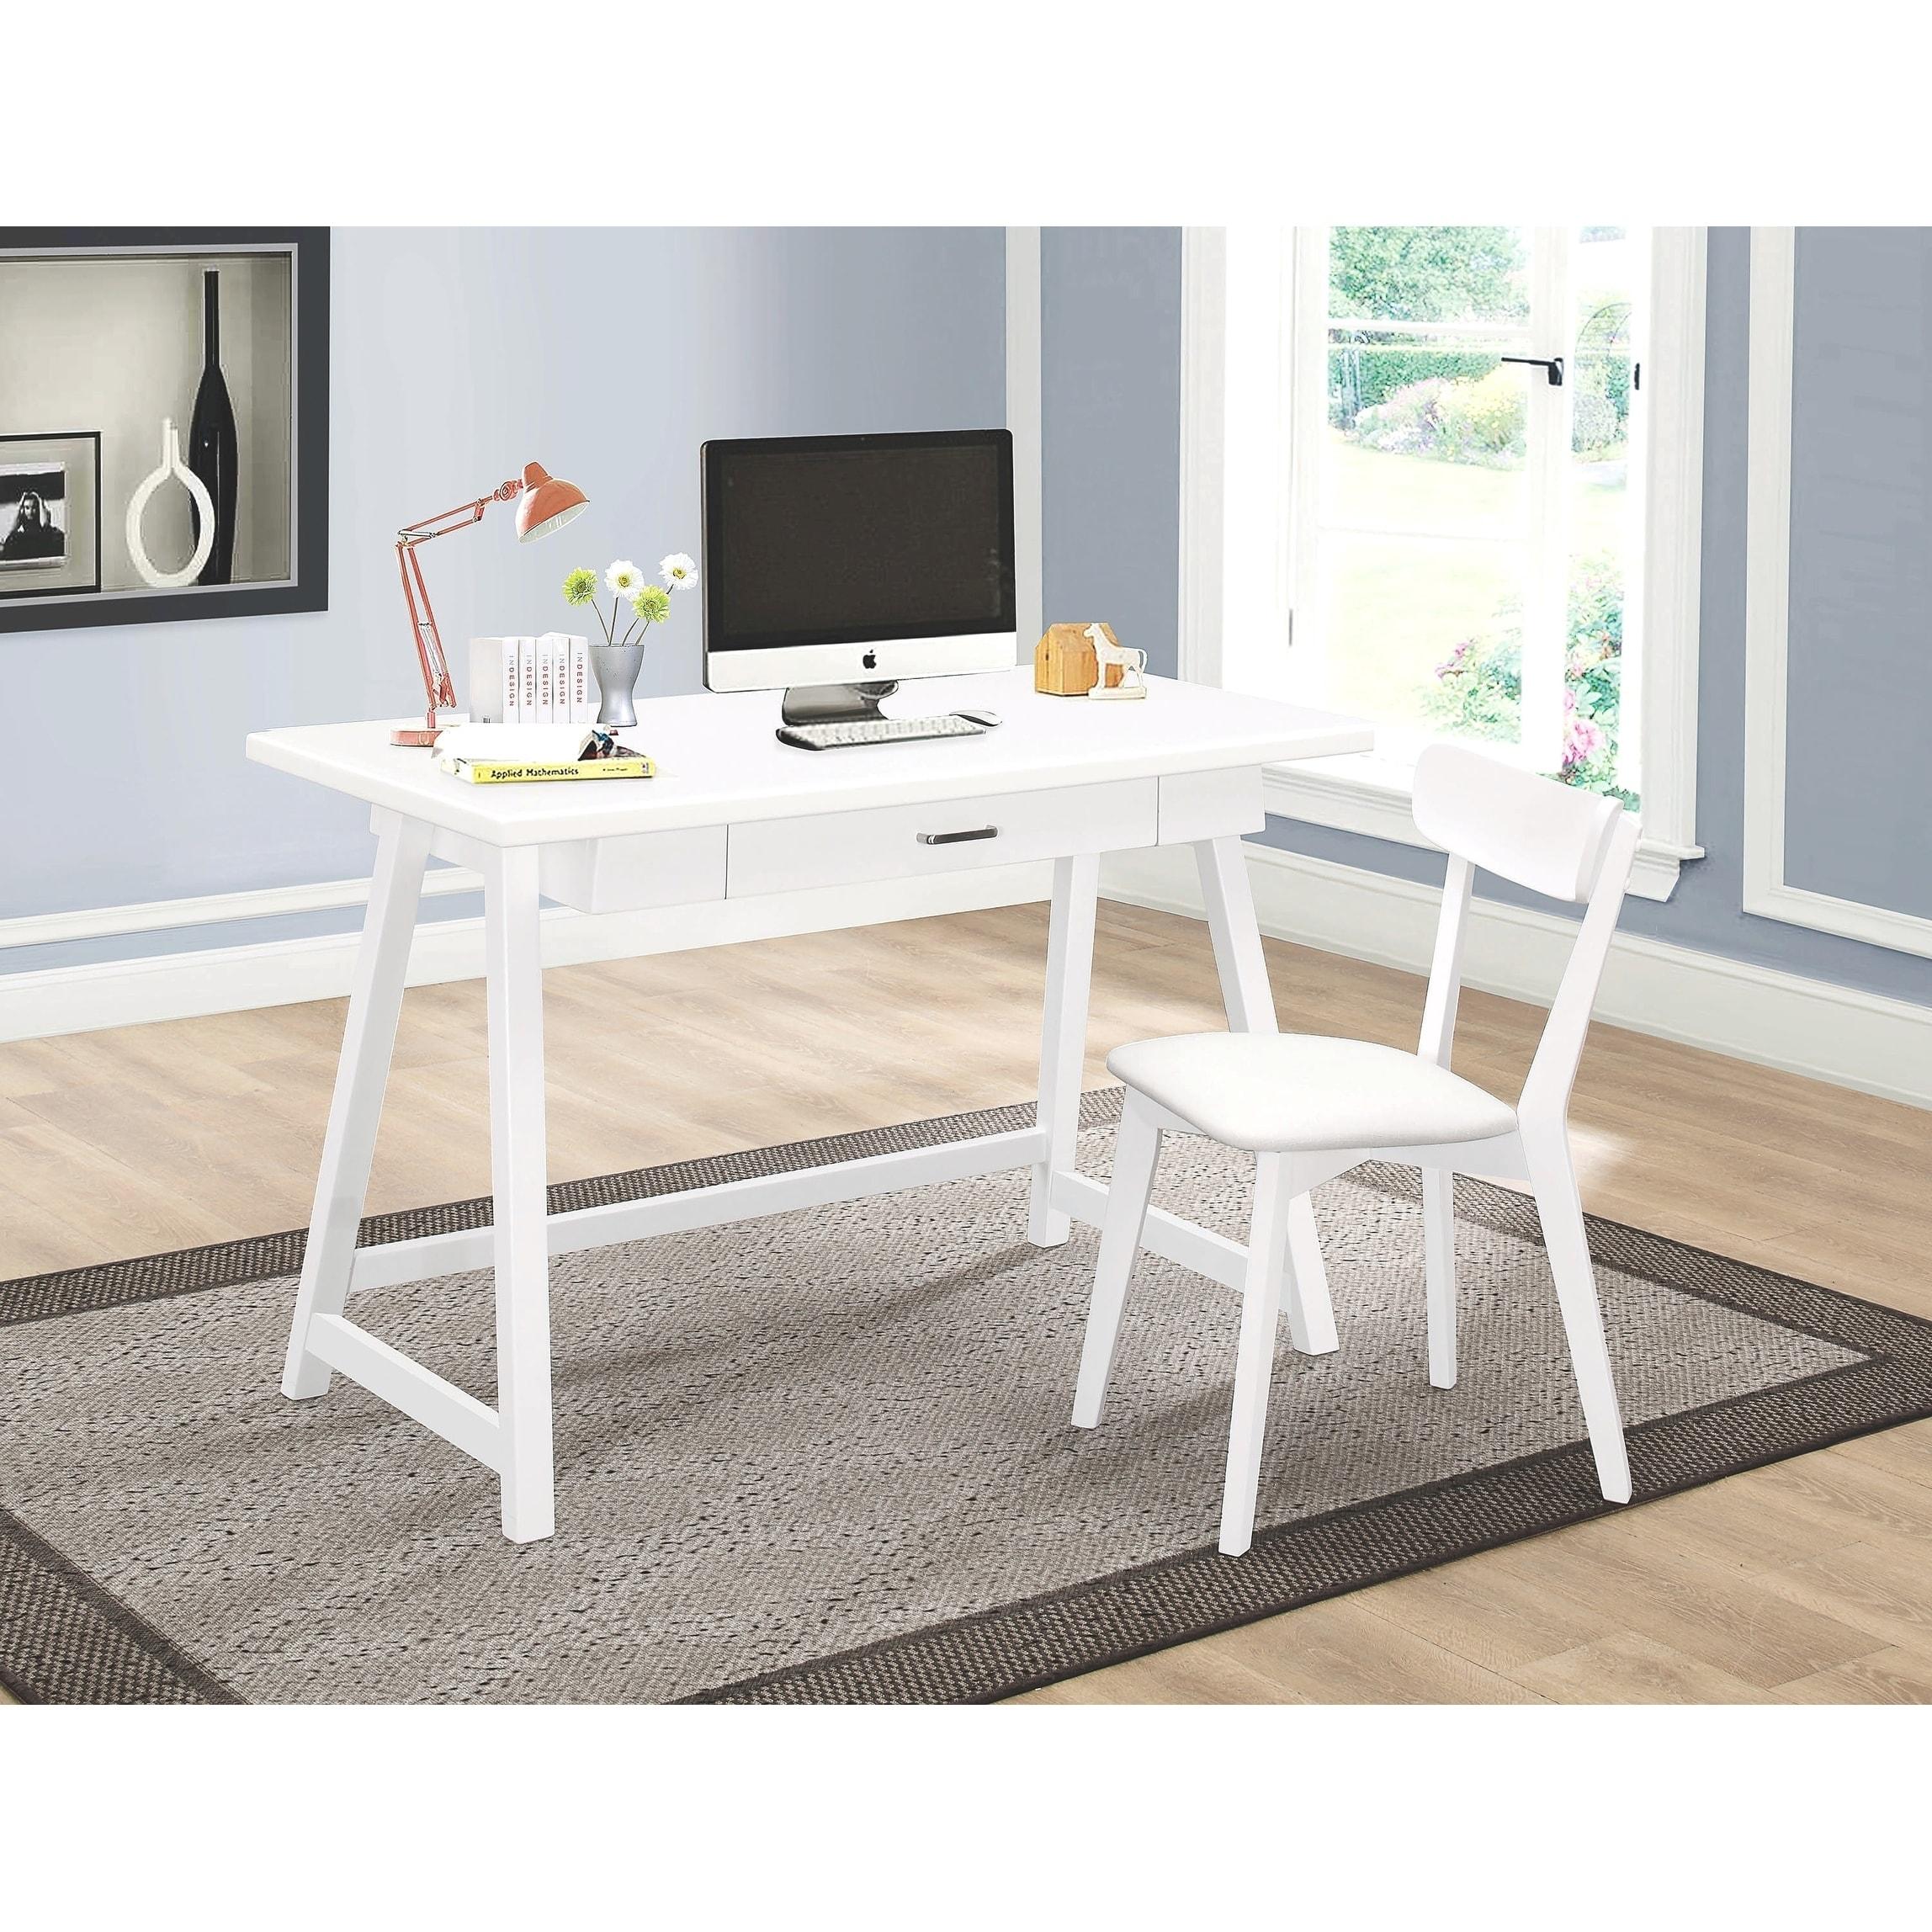 Mid Century Modern Design White